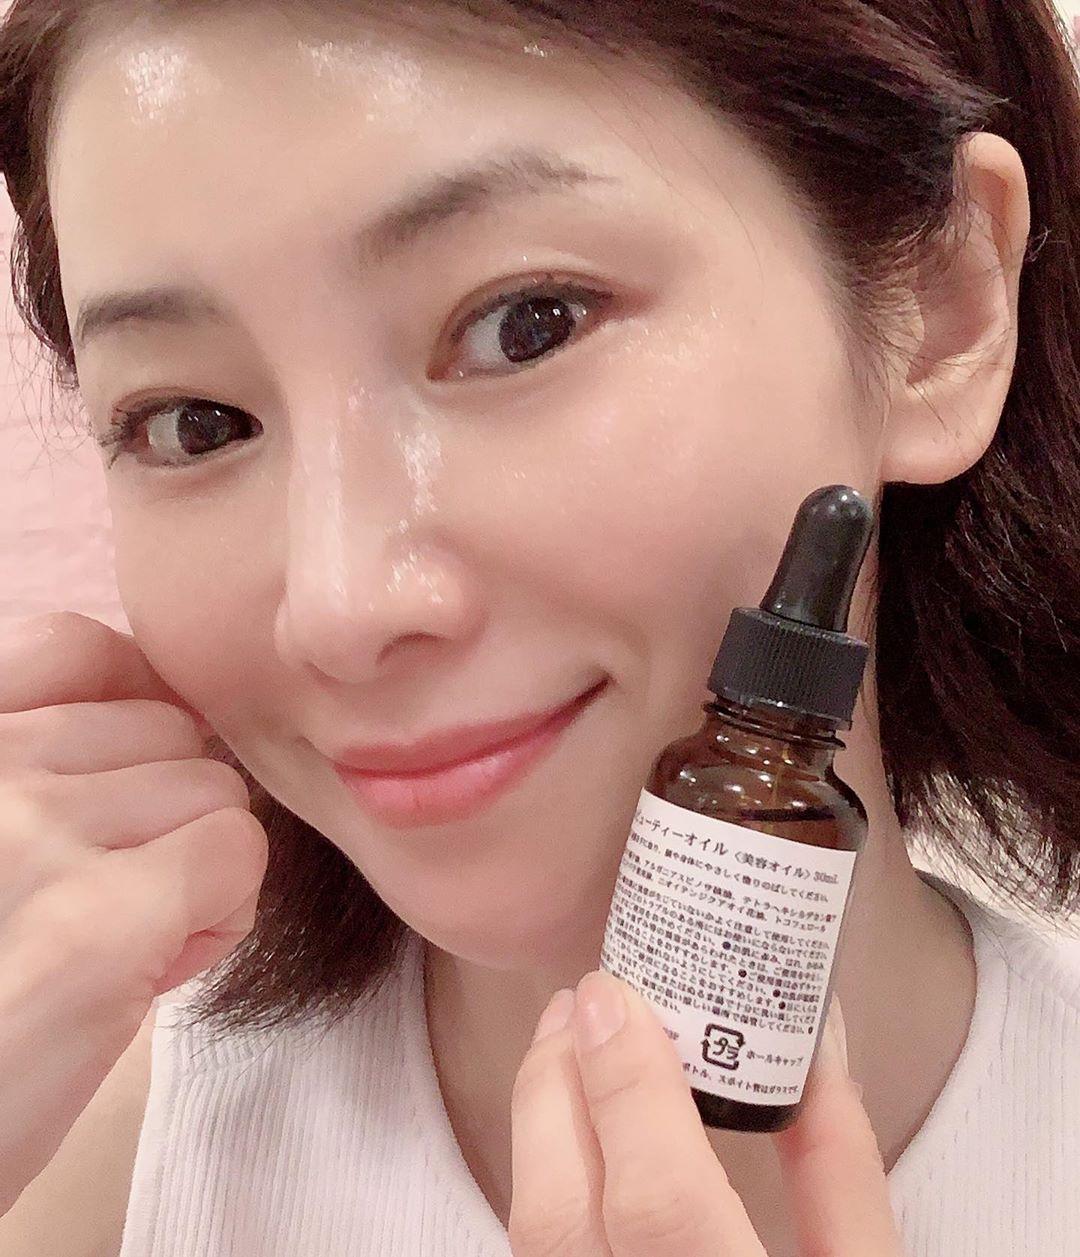 'Phù thuỷ làn da' tuổi 53 của Nhật tiết lộ 6 tips dưỡng da mỗi ngày: Dùng serum đúng 3 bước, nếu bận quá hãy đắp mặt nạ 4